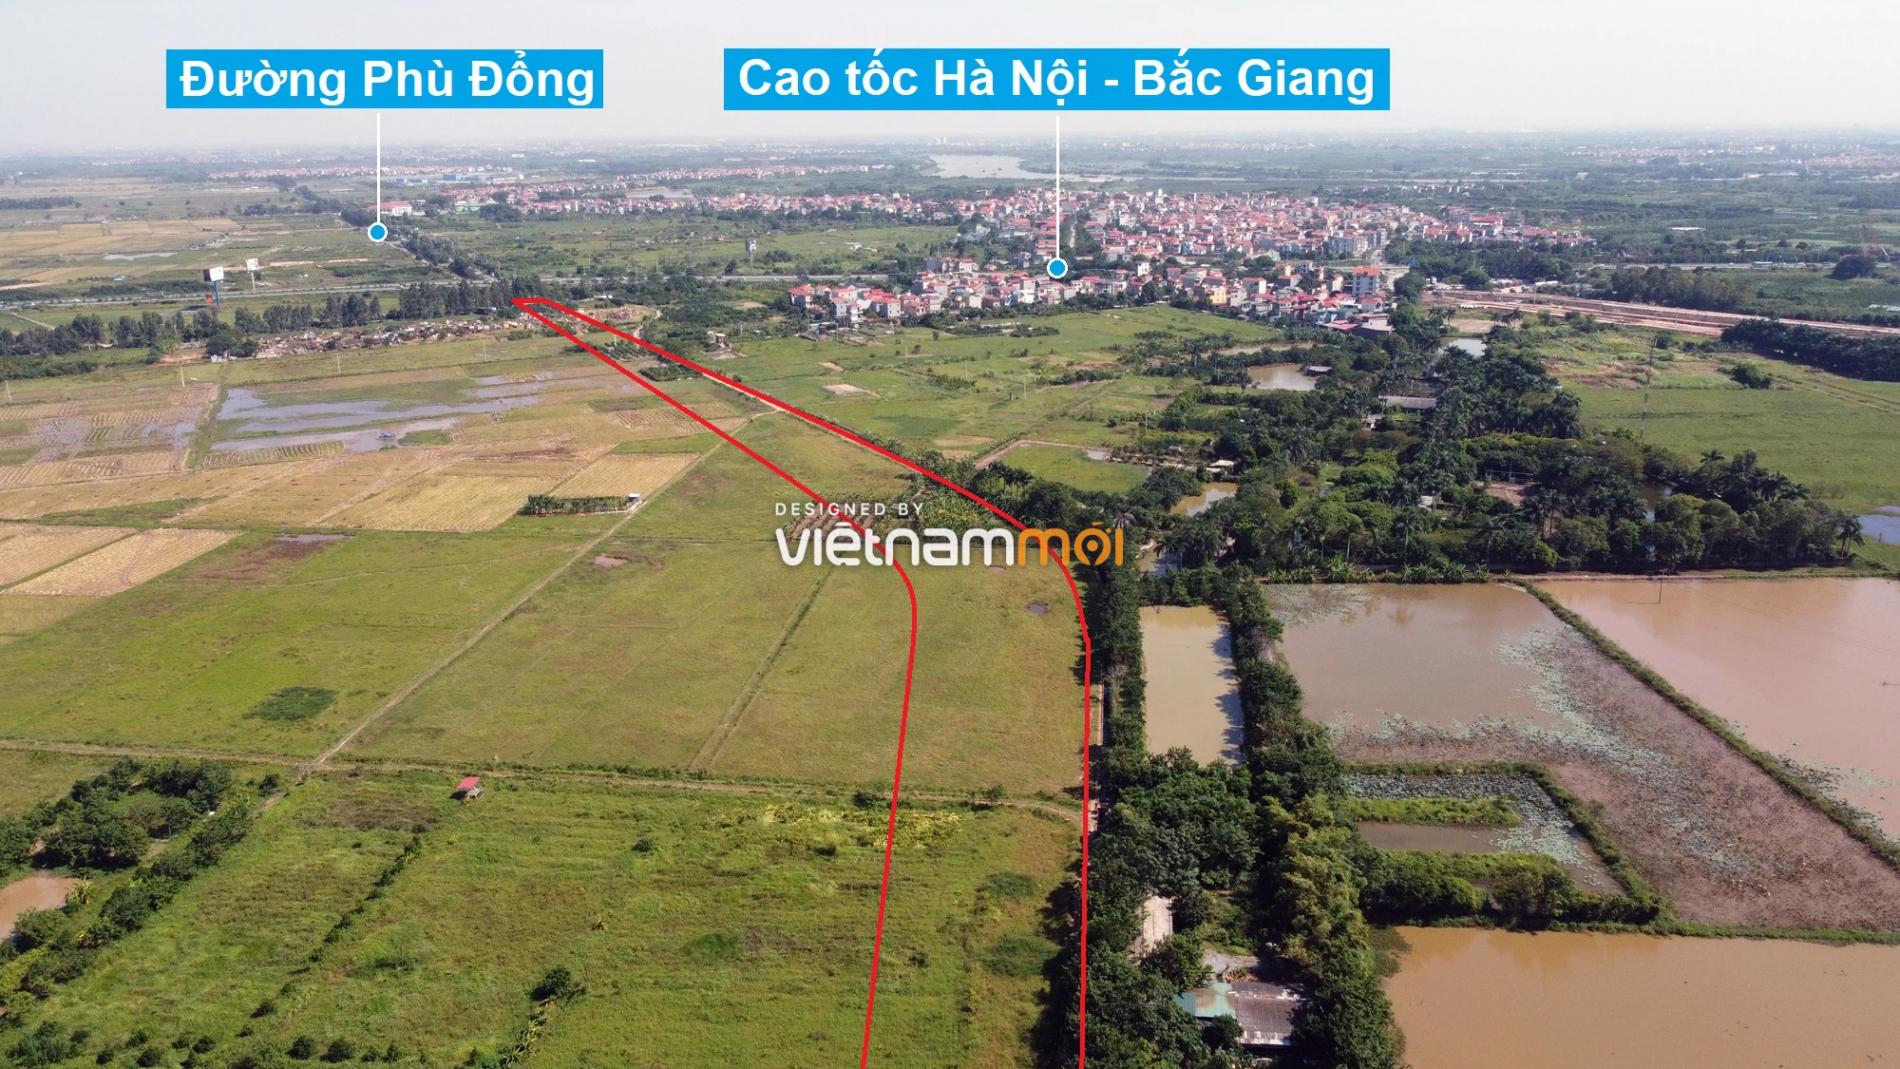 Những khu đất sắp thu hồi để mở đường ở huyện Gia Lâm, Hà Nội (phần 1) - Ảnh 7.